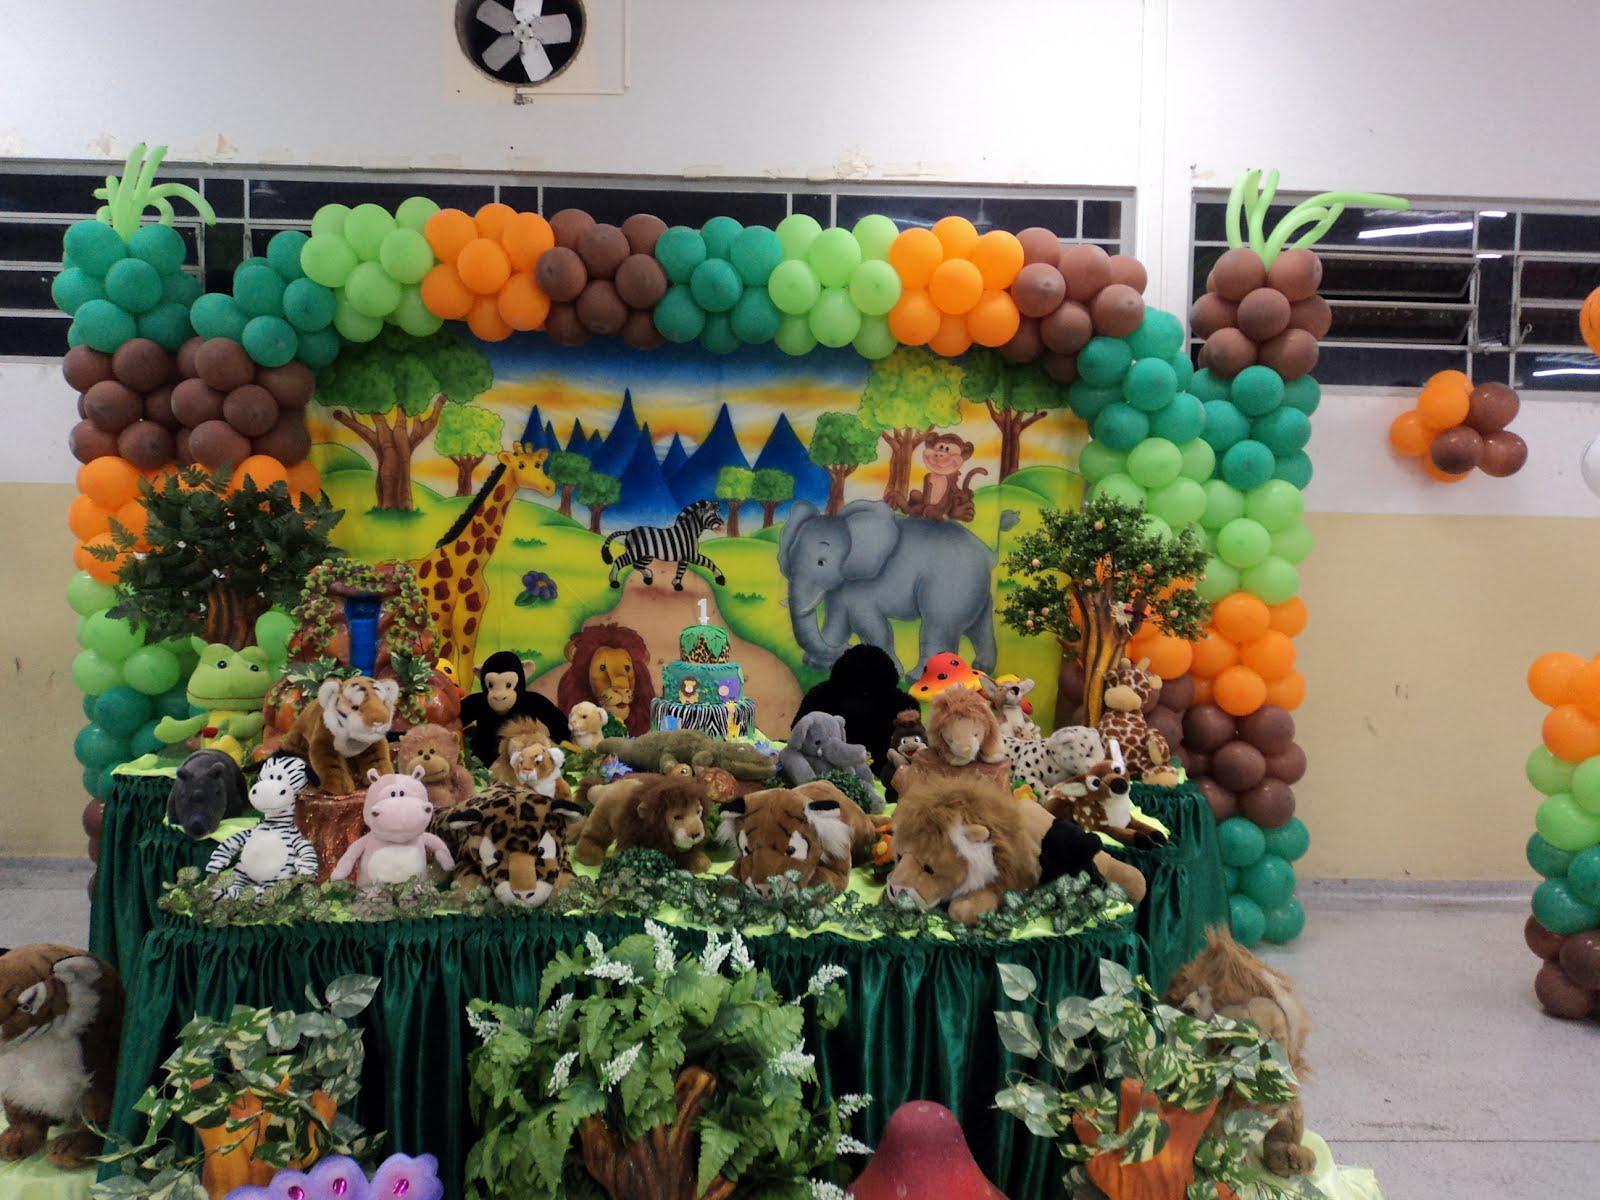 decoracao festa safari:Toque Mágico decoração de festa infantil: Safari